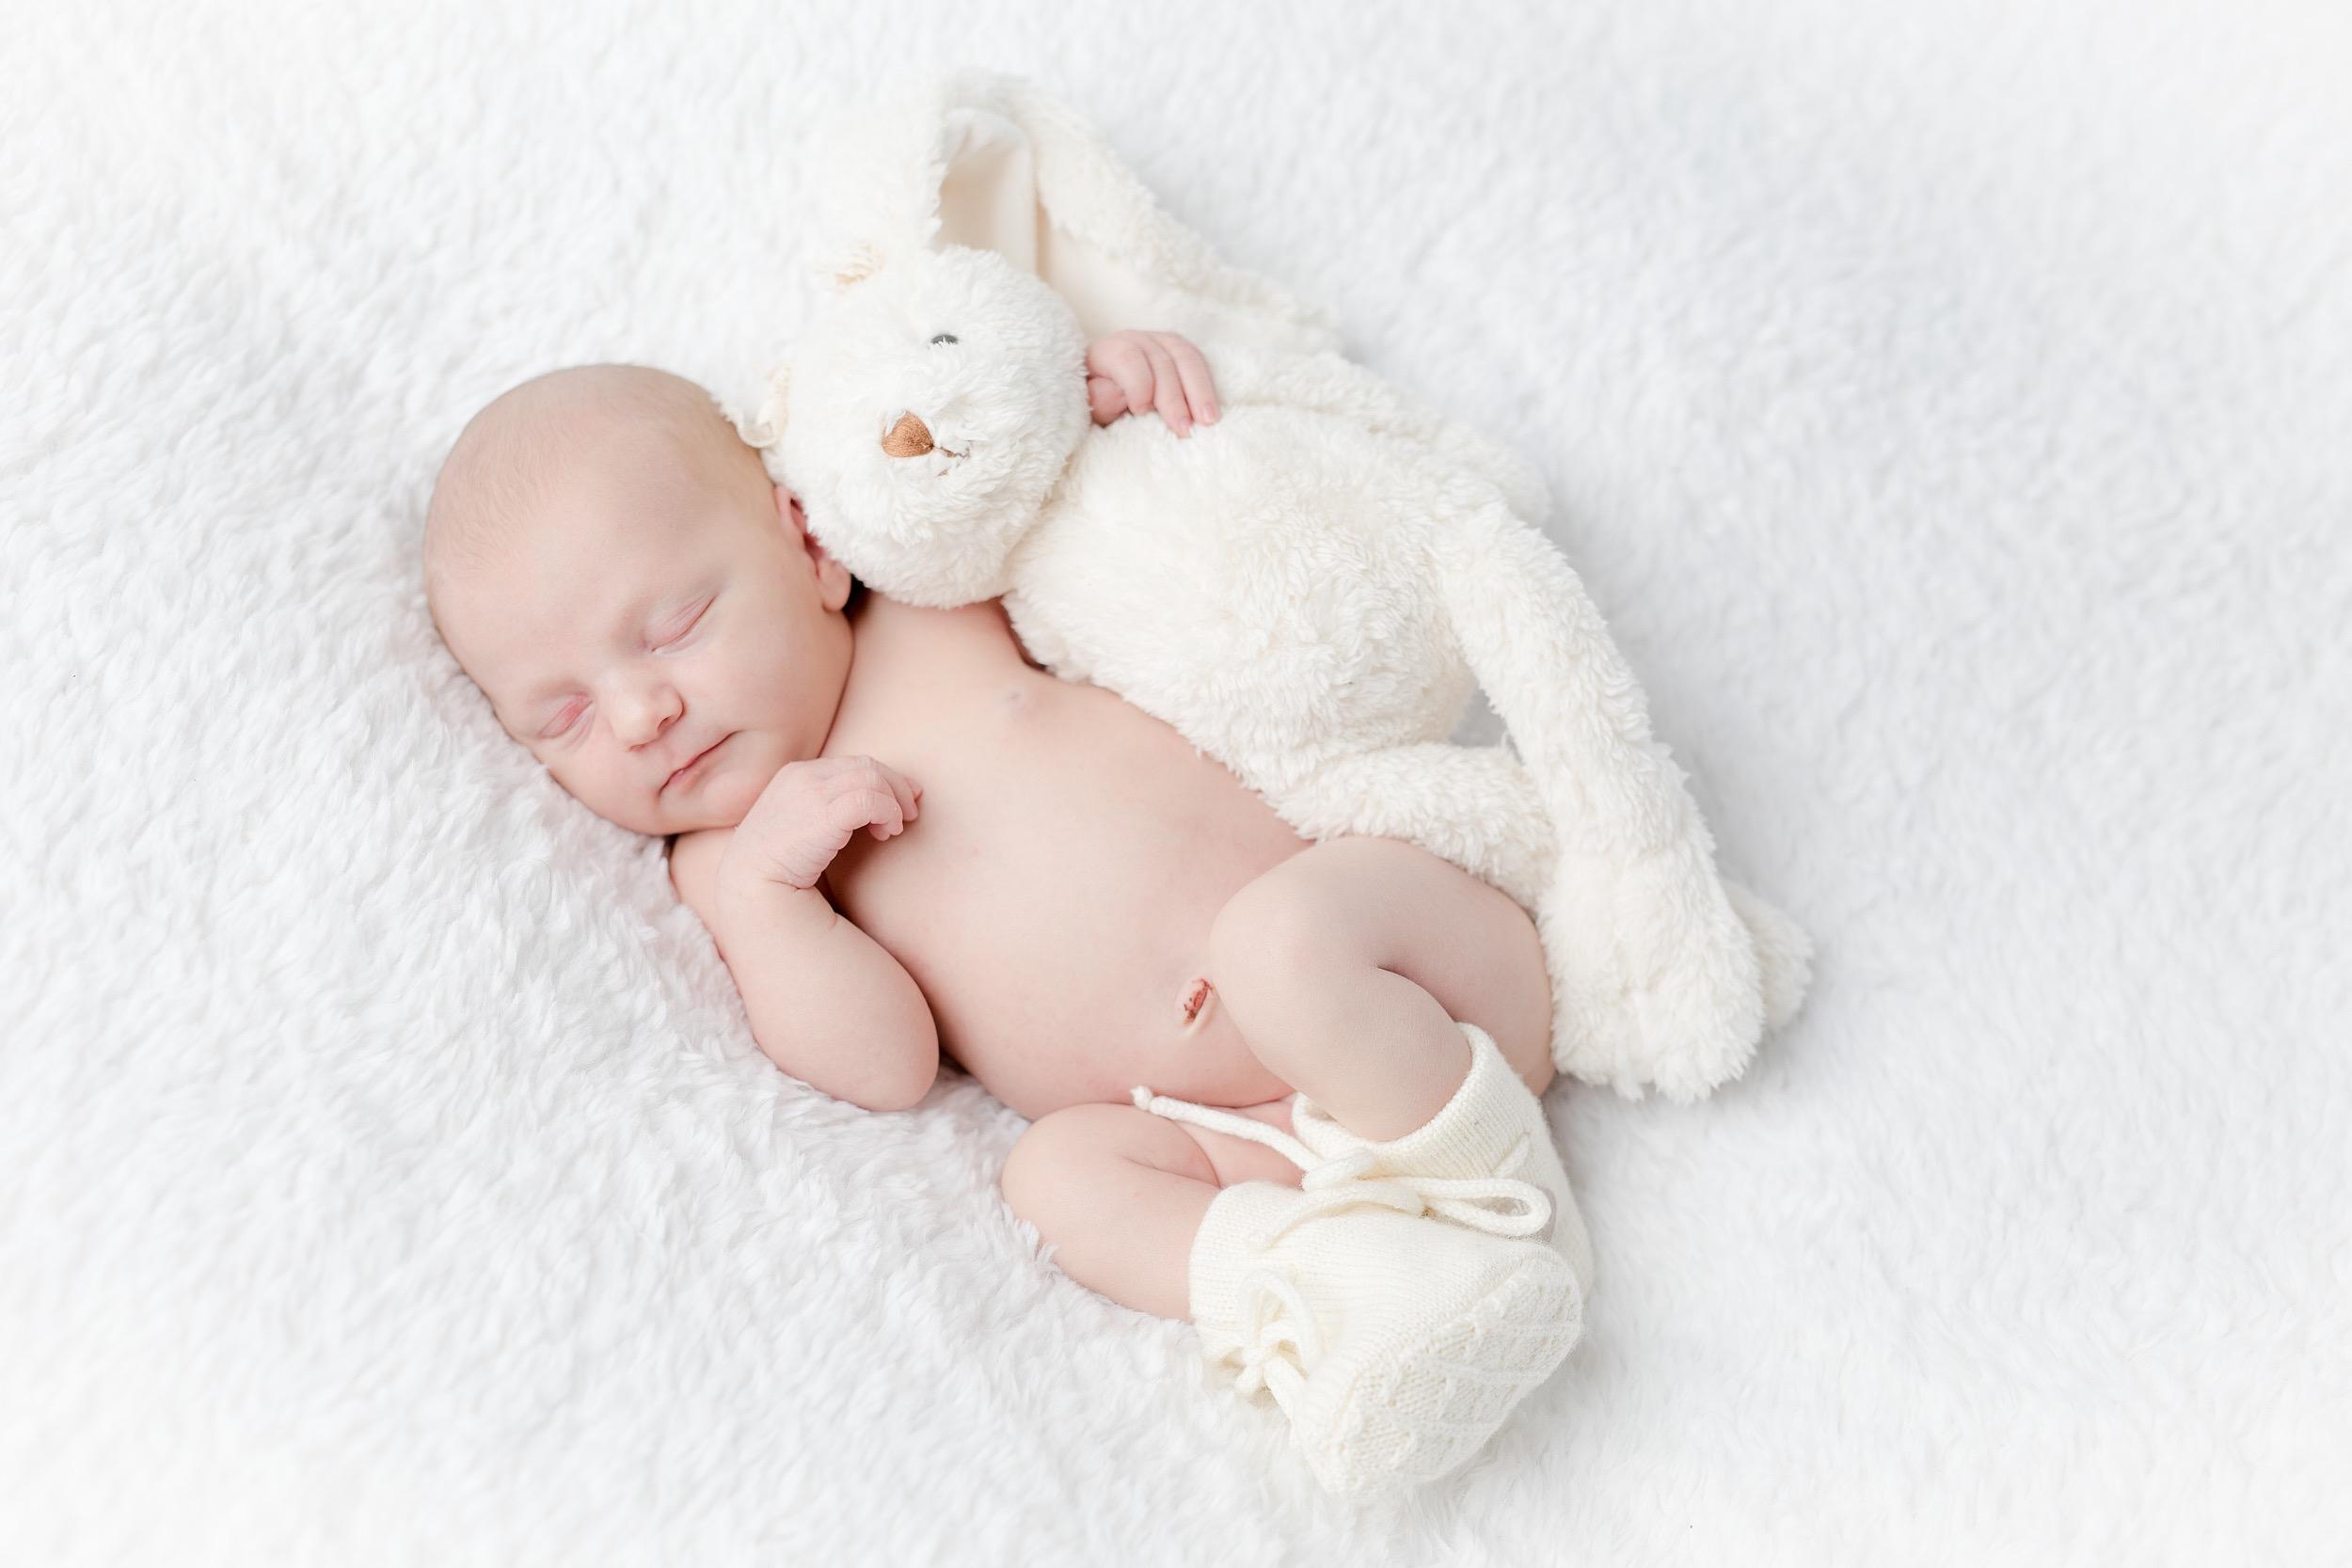 nyfødt-nyfødtfotograf-nyfødtfotografering-fotograf-studiohodne-hodne--6 3.jpg